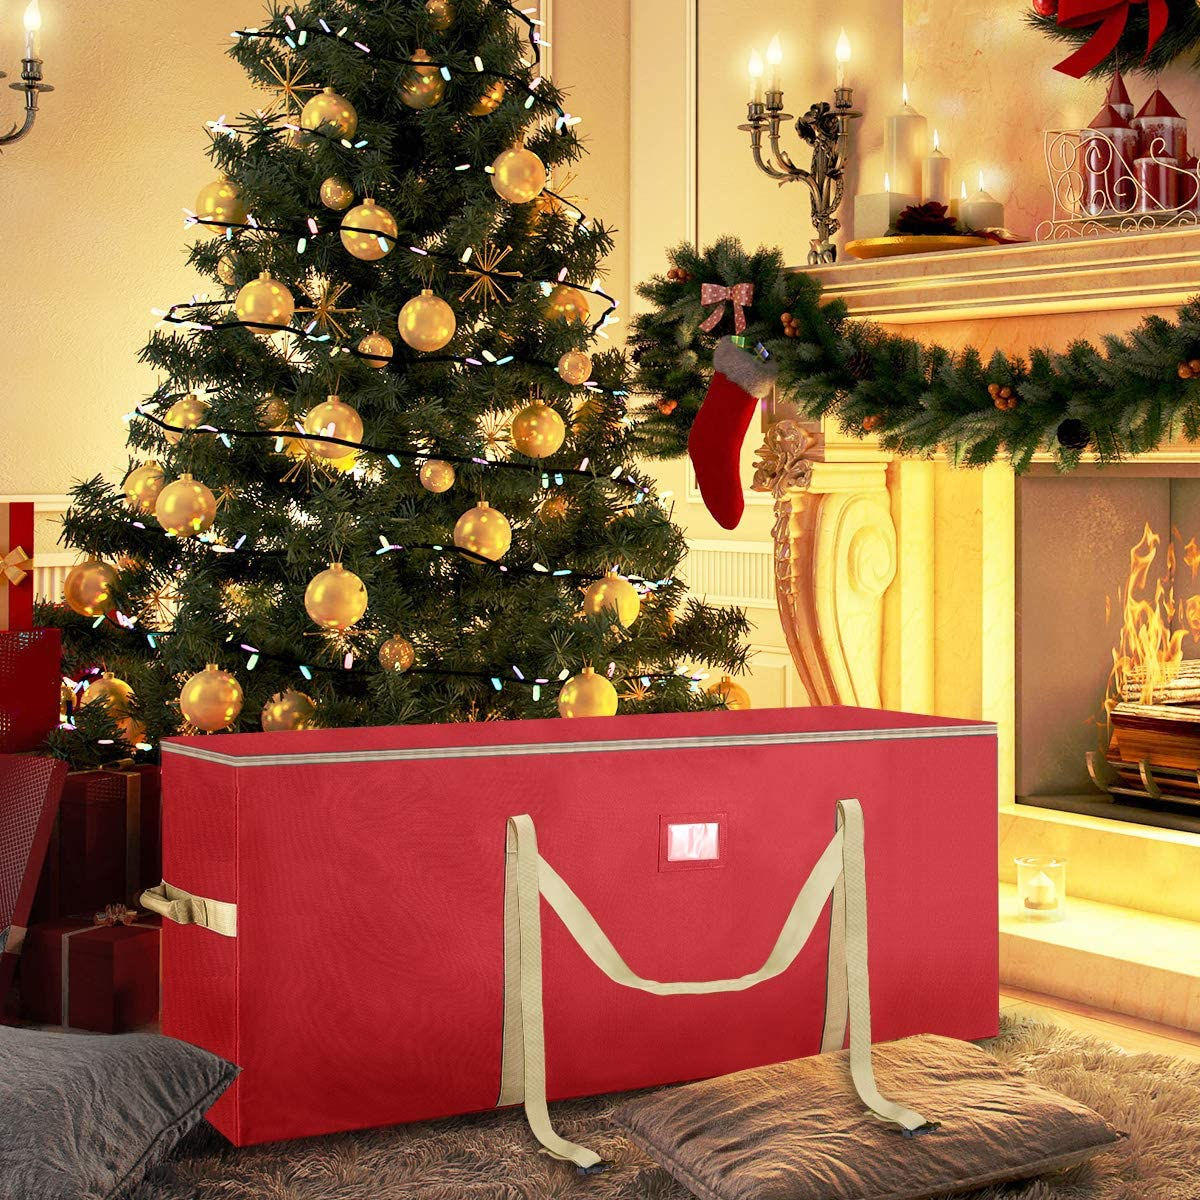 Housolution Weihnachtsbaum Aufbewahrungstasche Rot Bis 8 Ft Tannenbaum lagertasche Schwerlast 600D Oxford Gewebe Transporttasche mit Tragegriff Doppelrei/ßverschluss f/ür Weihnachtsbaum Aufbewahrung